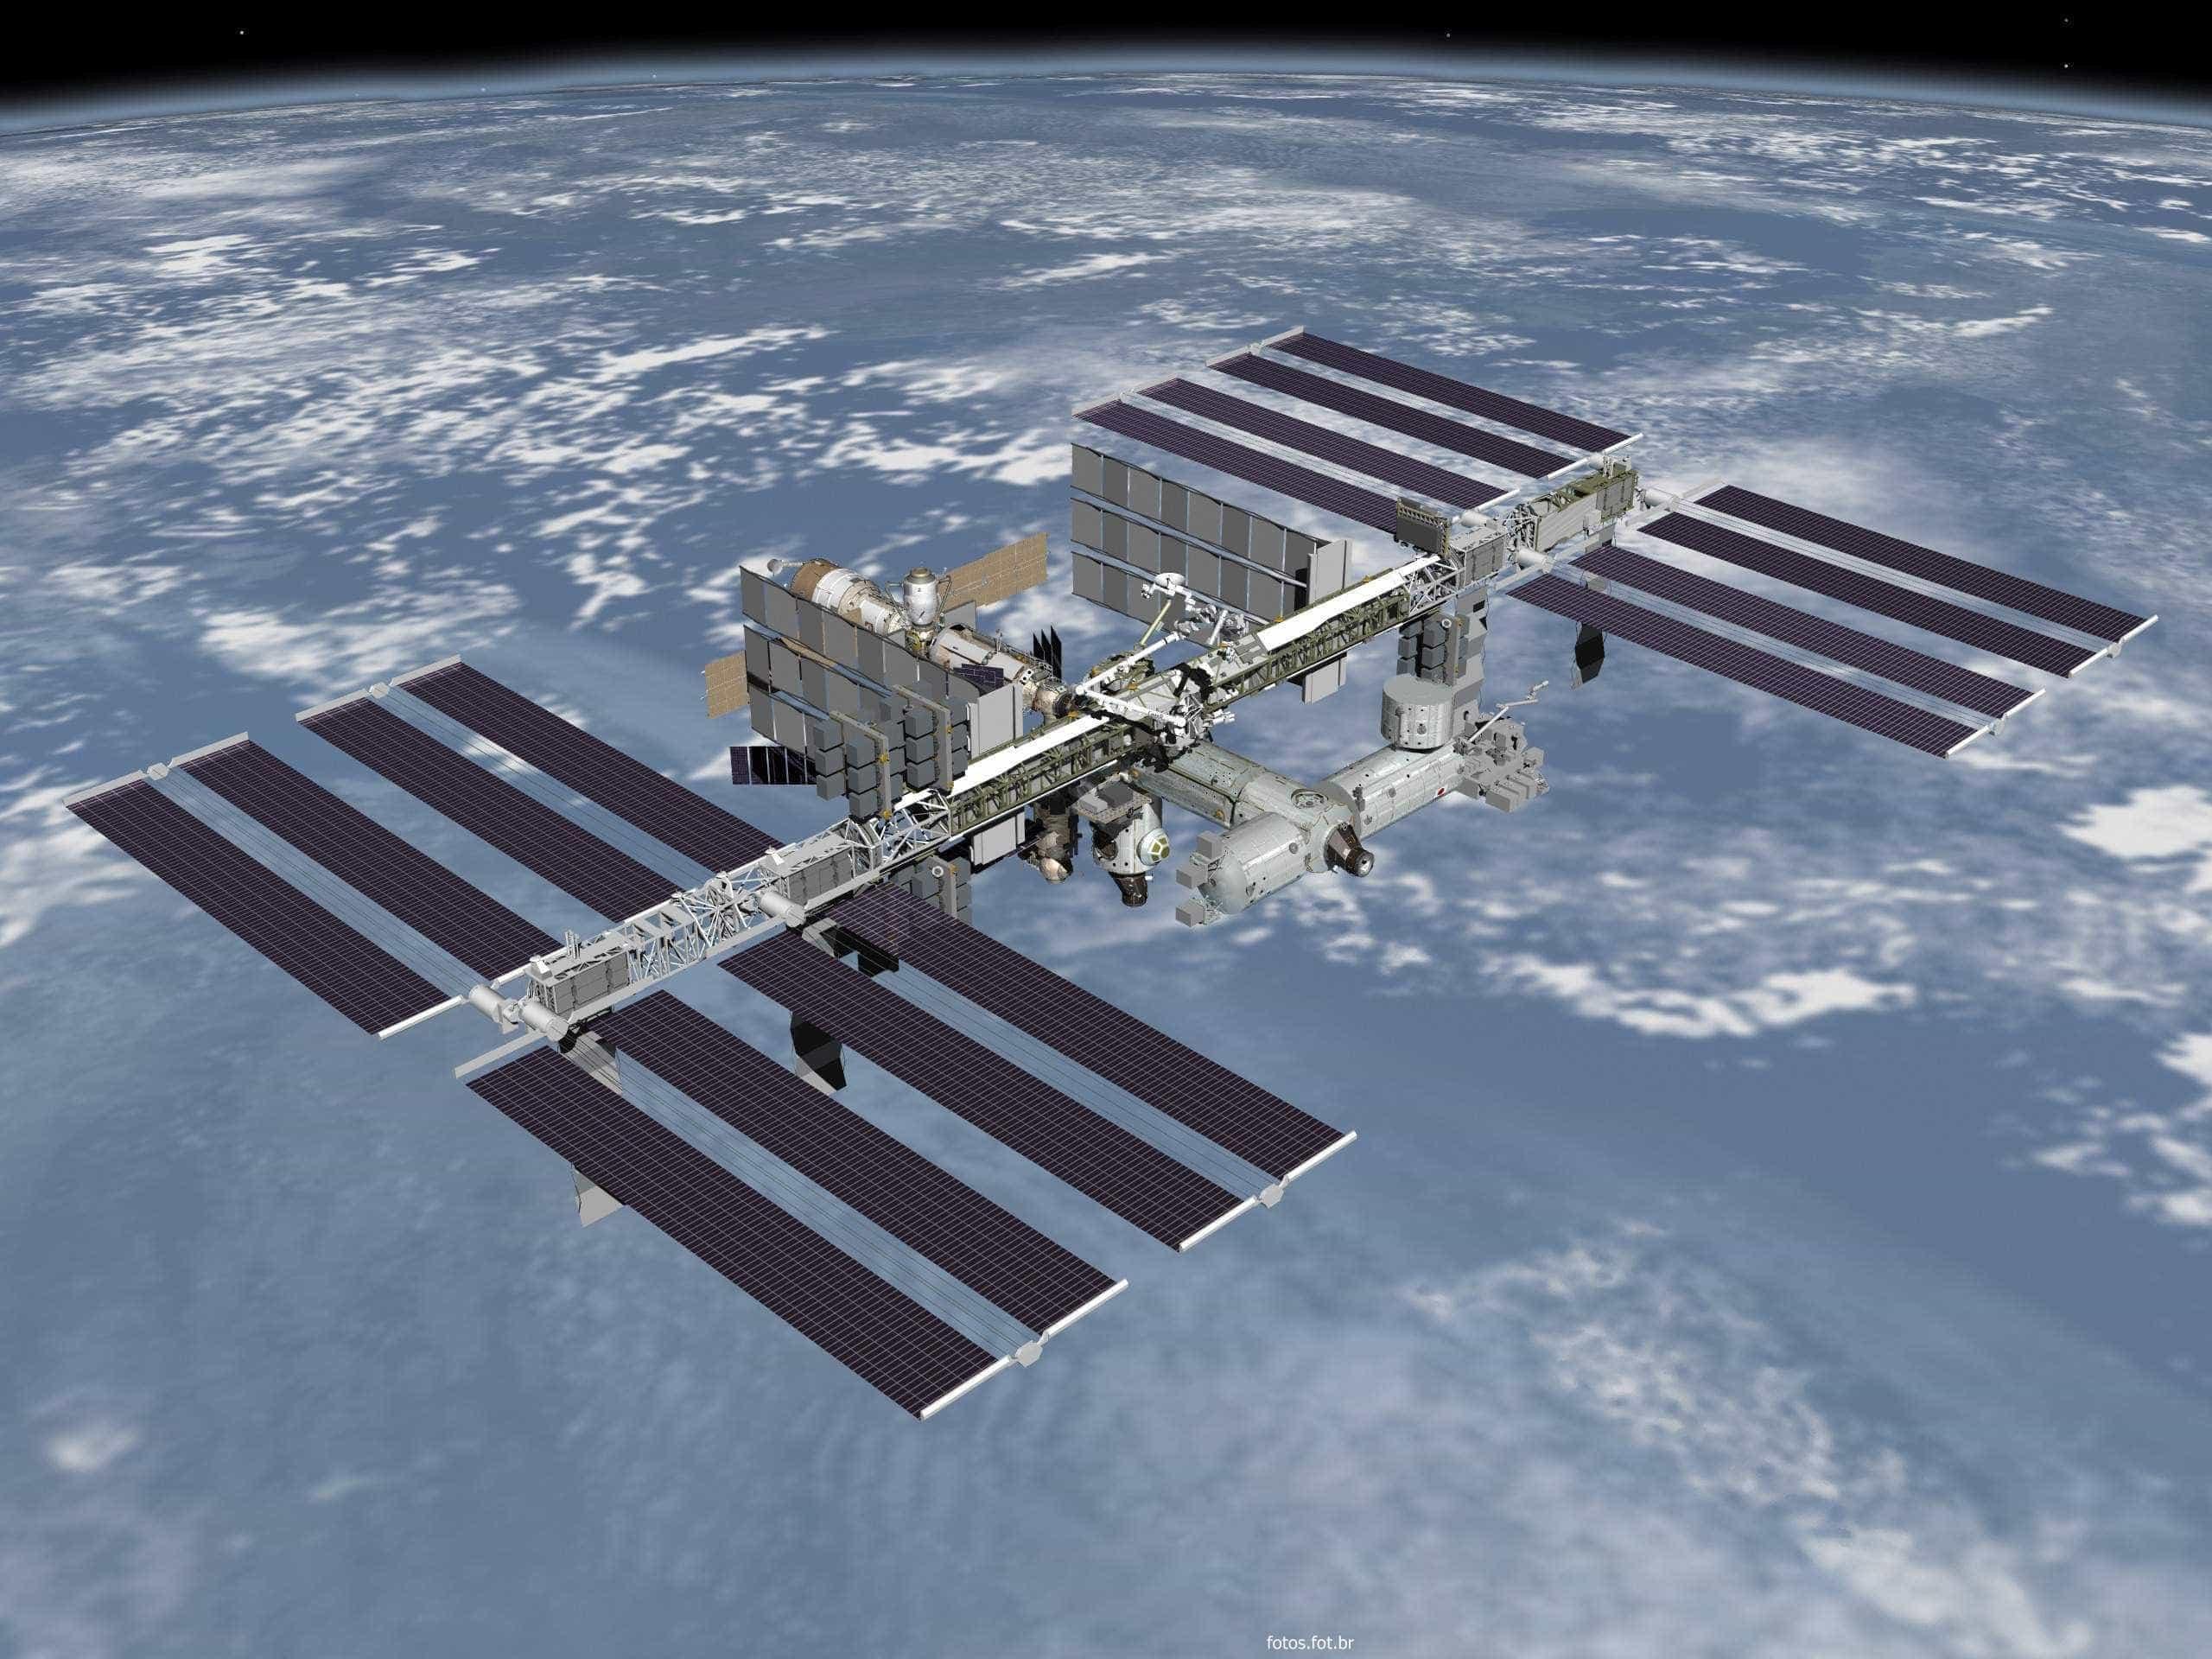 Vazamento de privada na estação espacial faz água flutuar no espaço